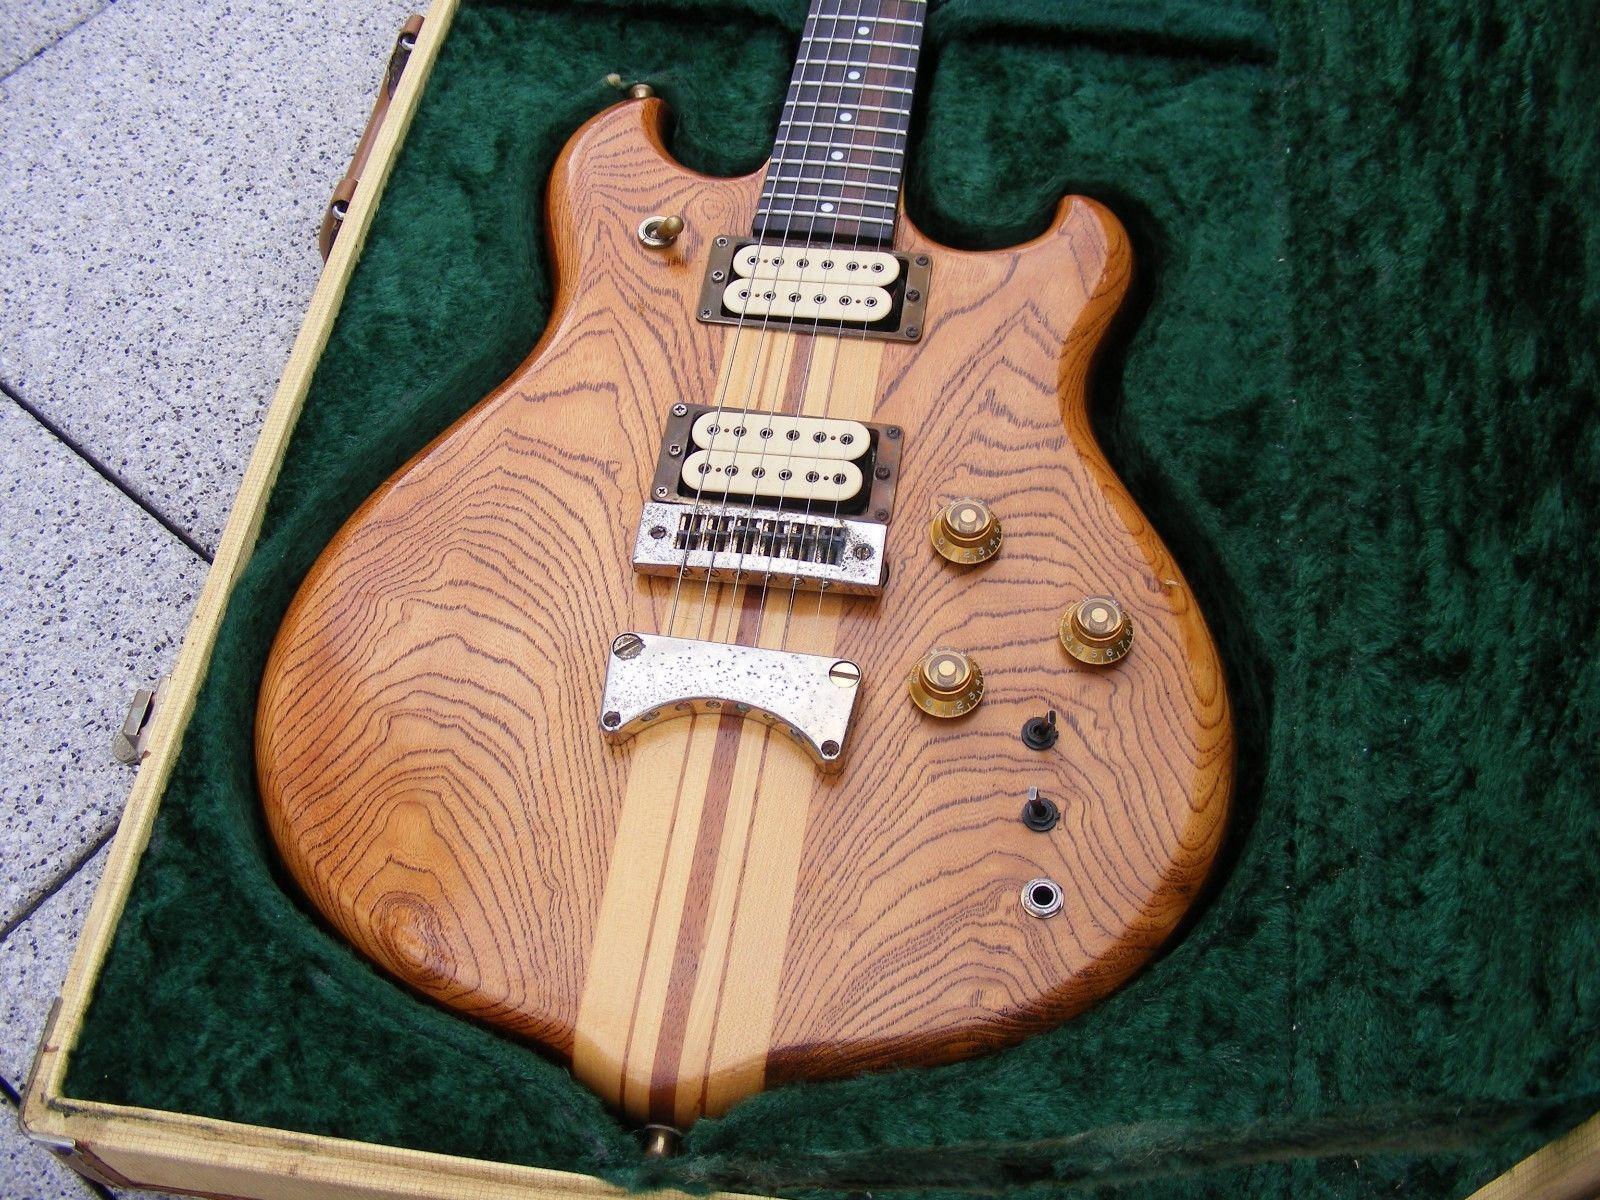 E Gitarre The Kasuga Scorpion SC 1200 sehr selten schön und mit Originalkoffer